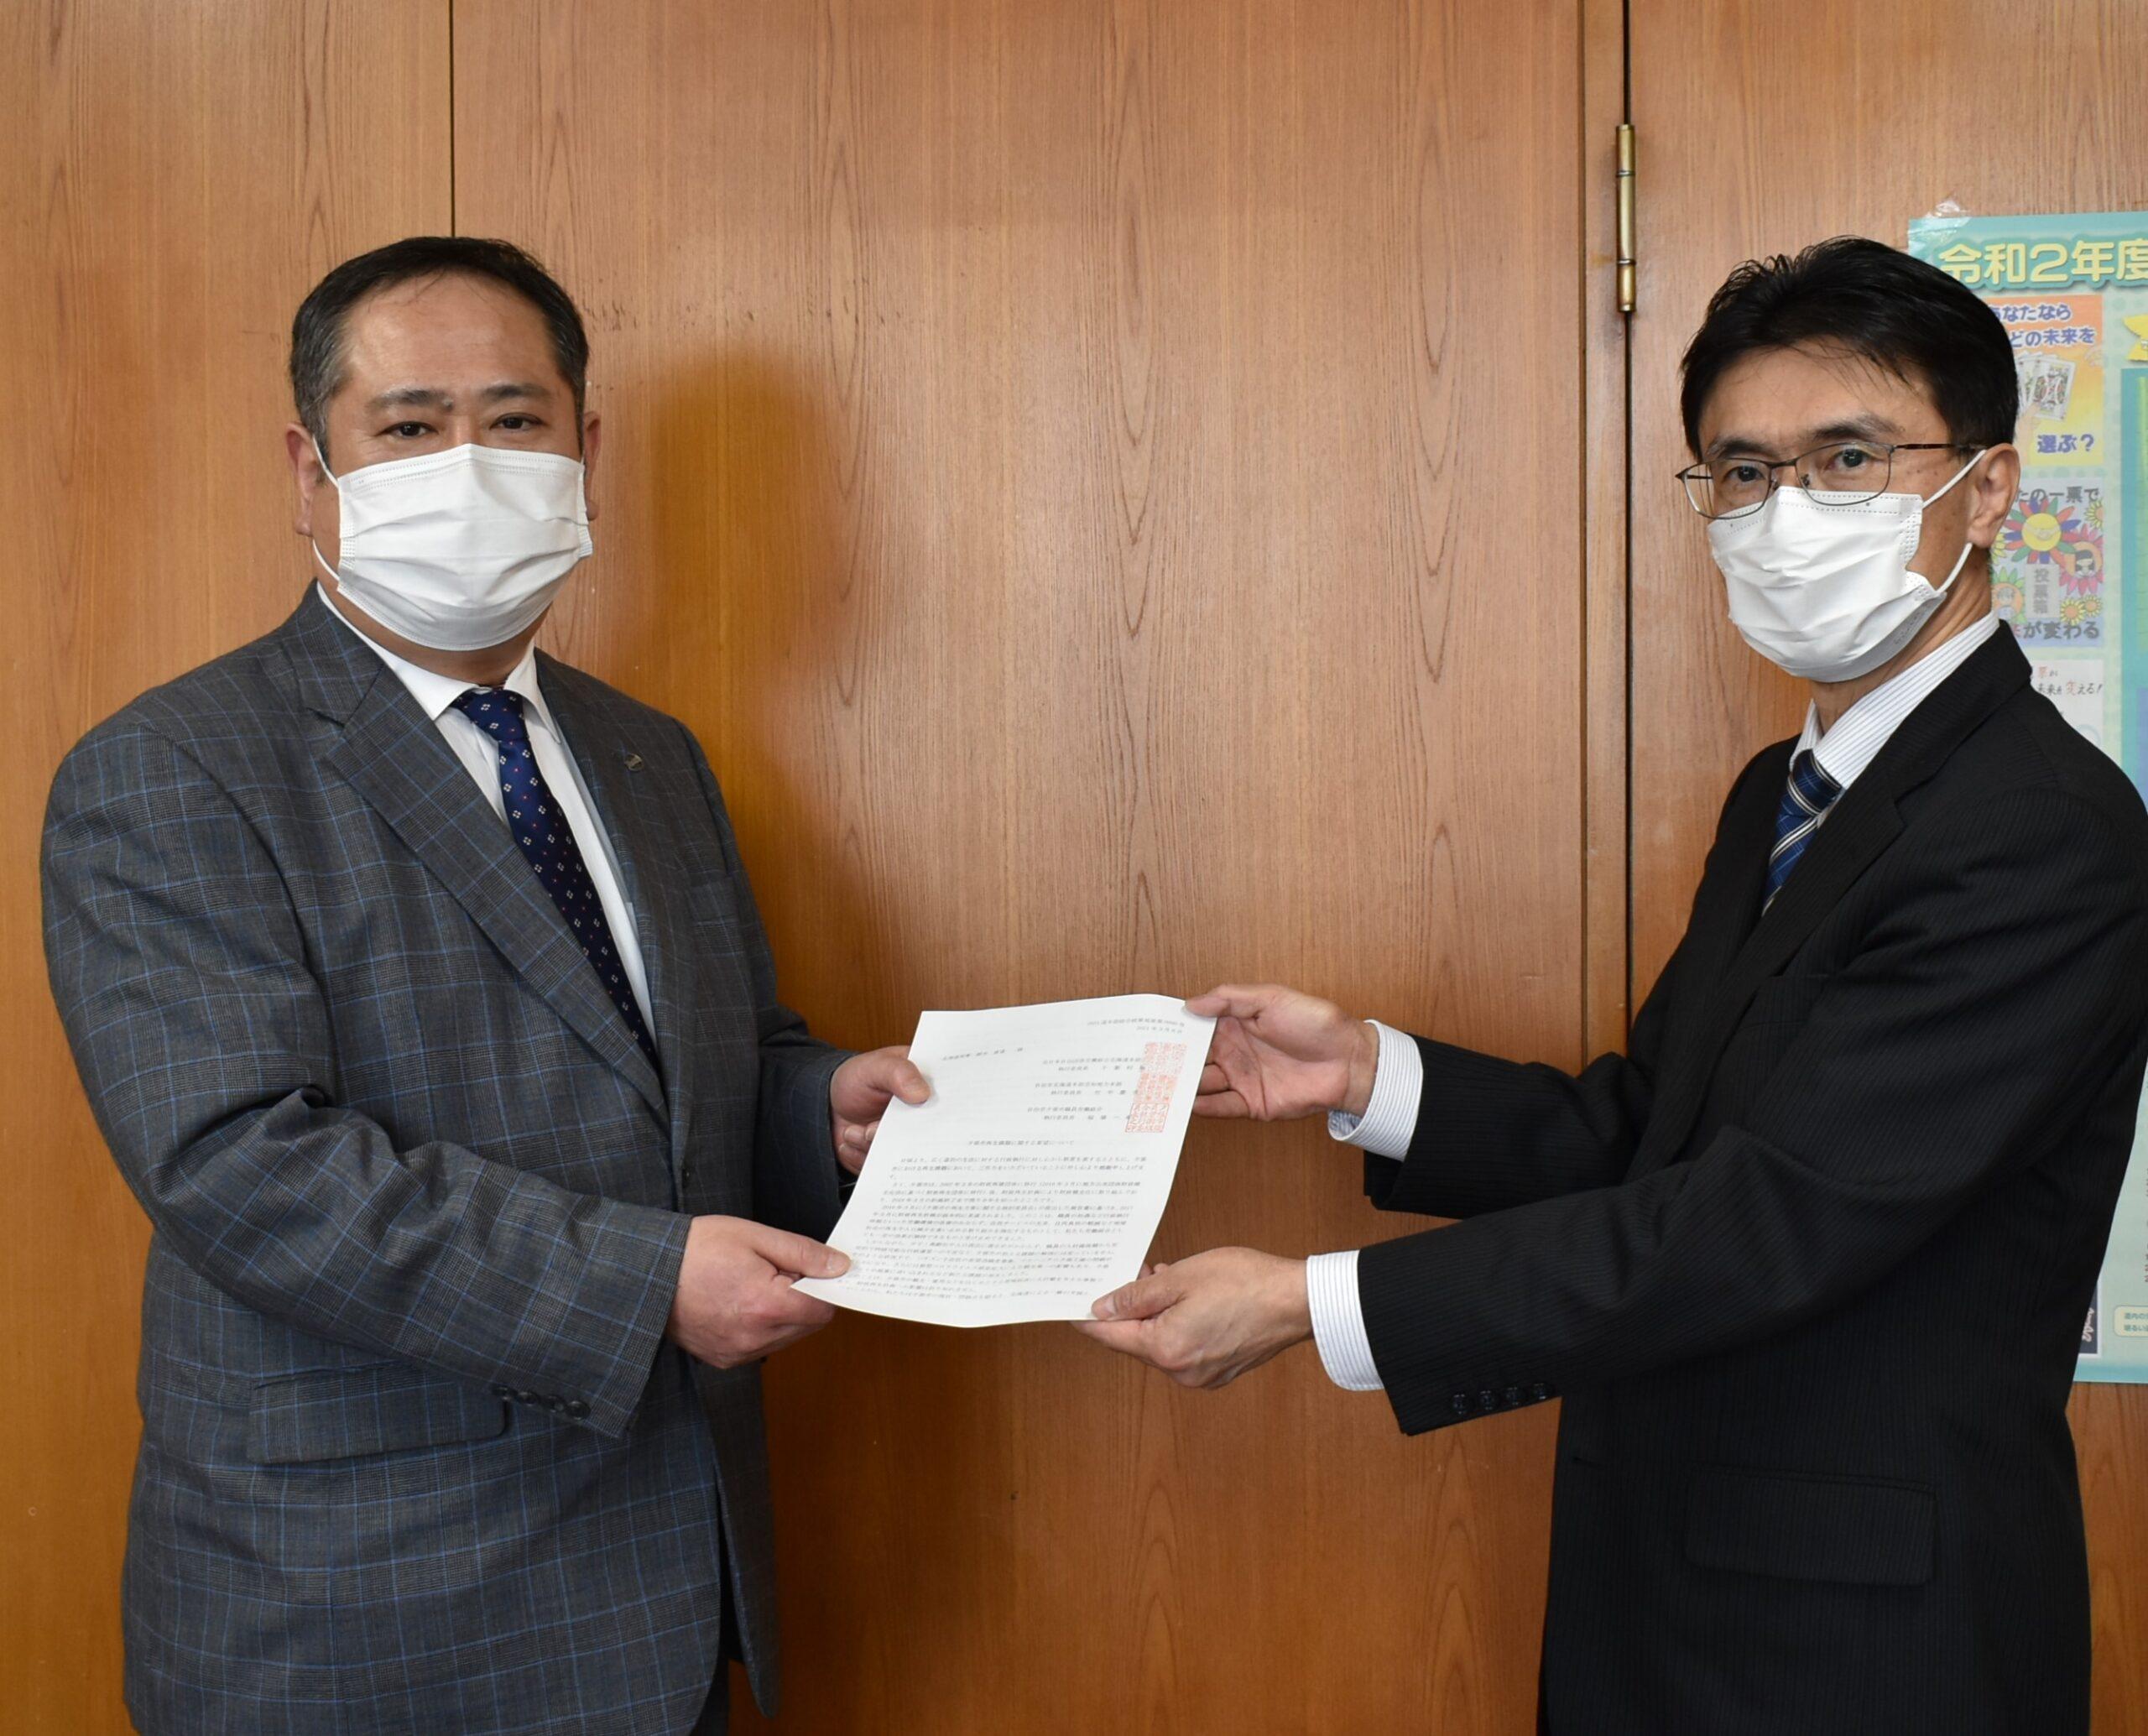 北海道に「夕張市再生課題に関する要望書」を提出(3月8日)